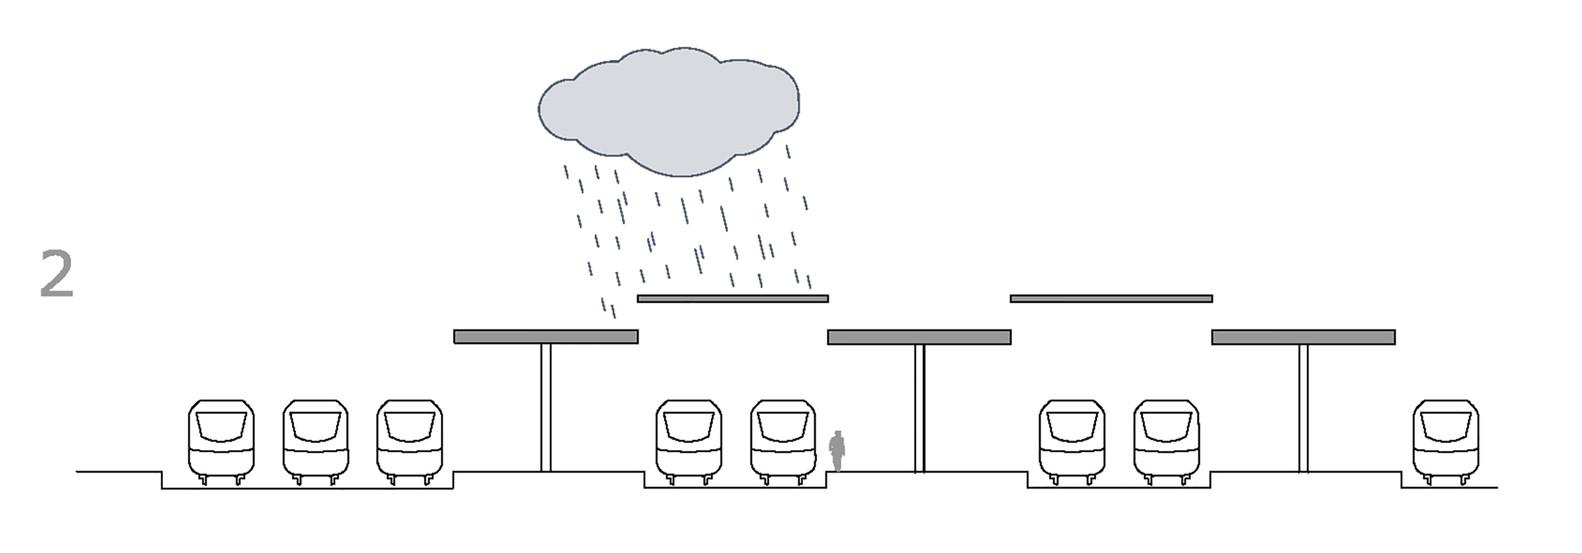 План-чертёж железнодорожного вокзала - Фото 33